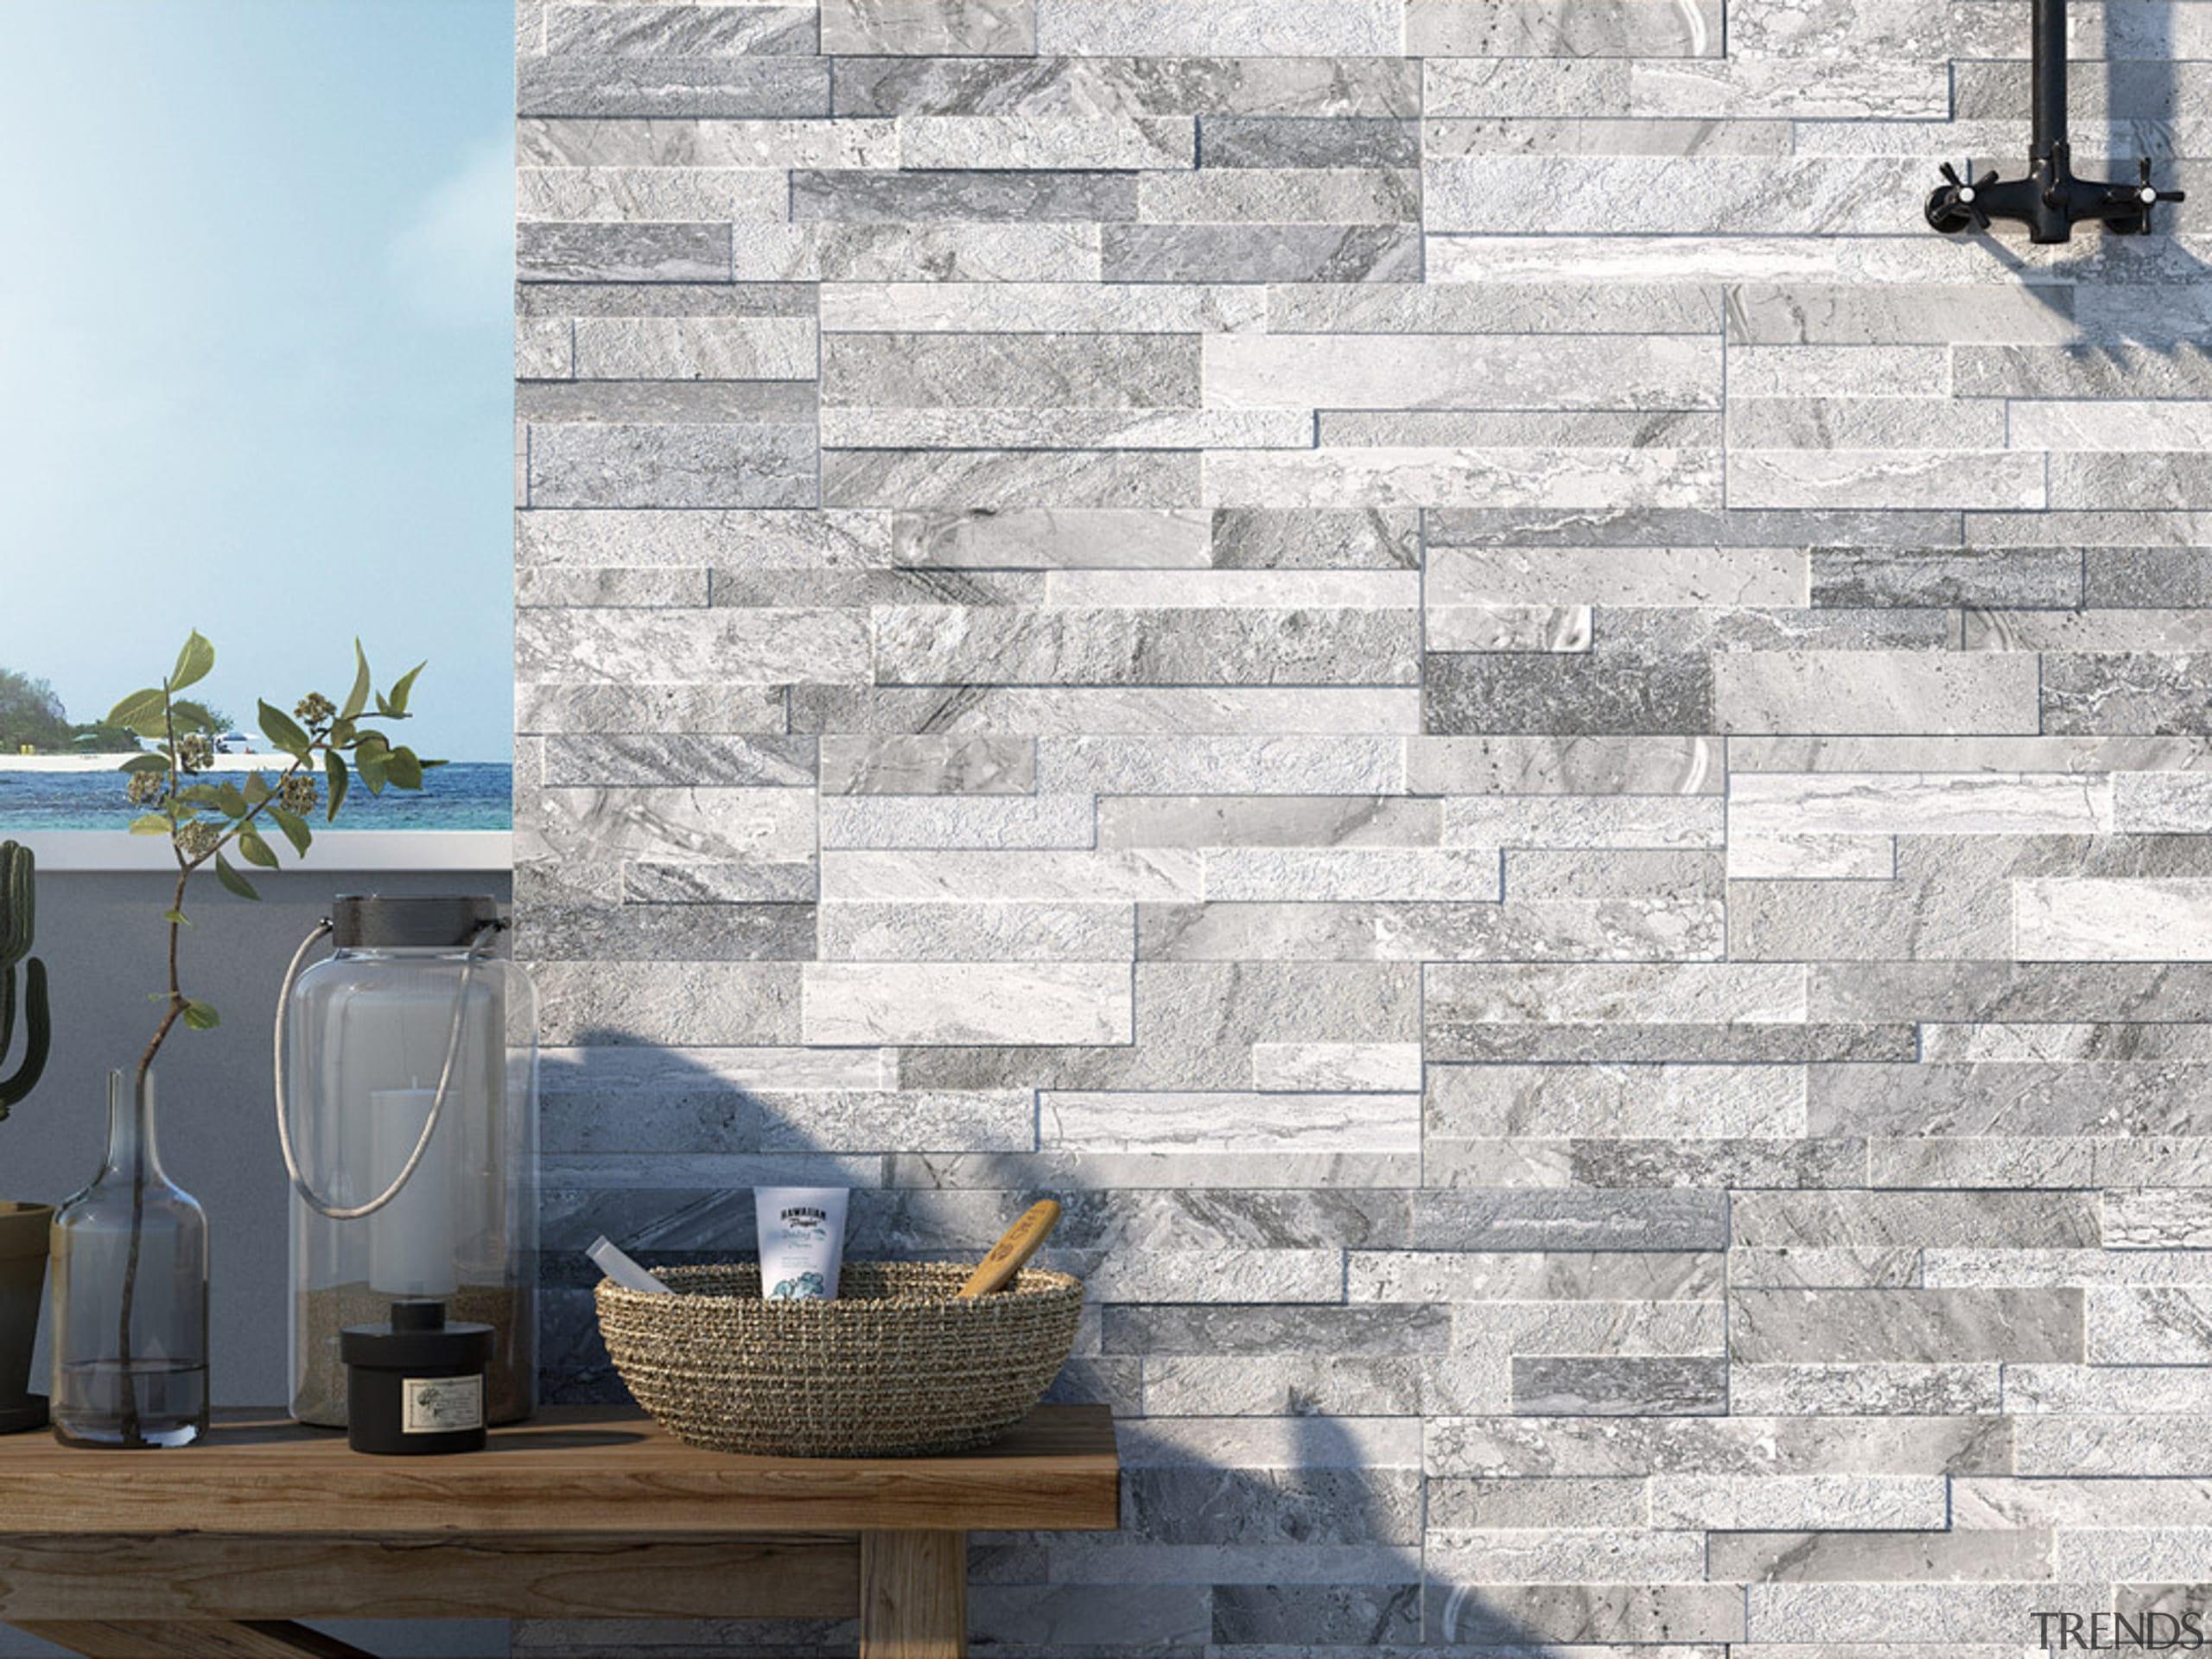 Gioia Grigio 150x610 - Gioia Grigio 150x610 - brick, floor, stone wall, tile, wall, white, gray